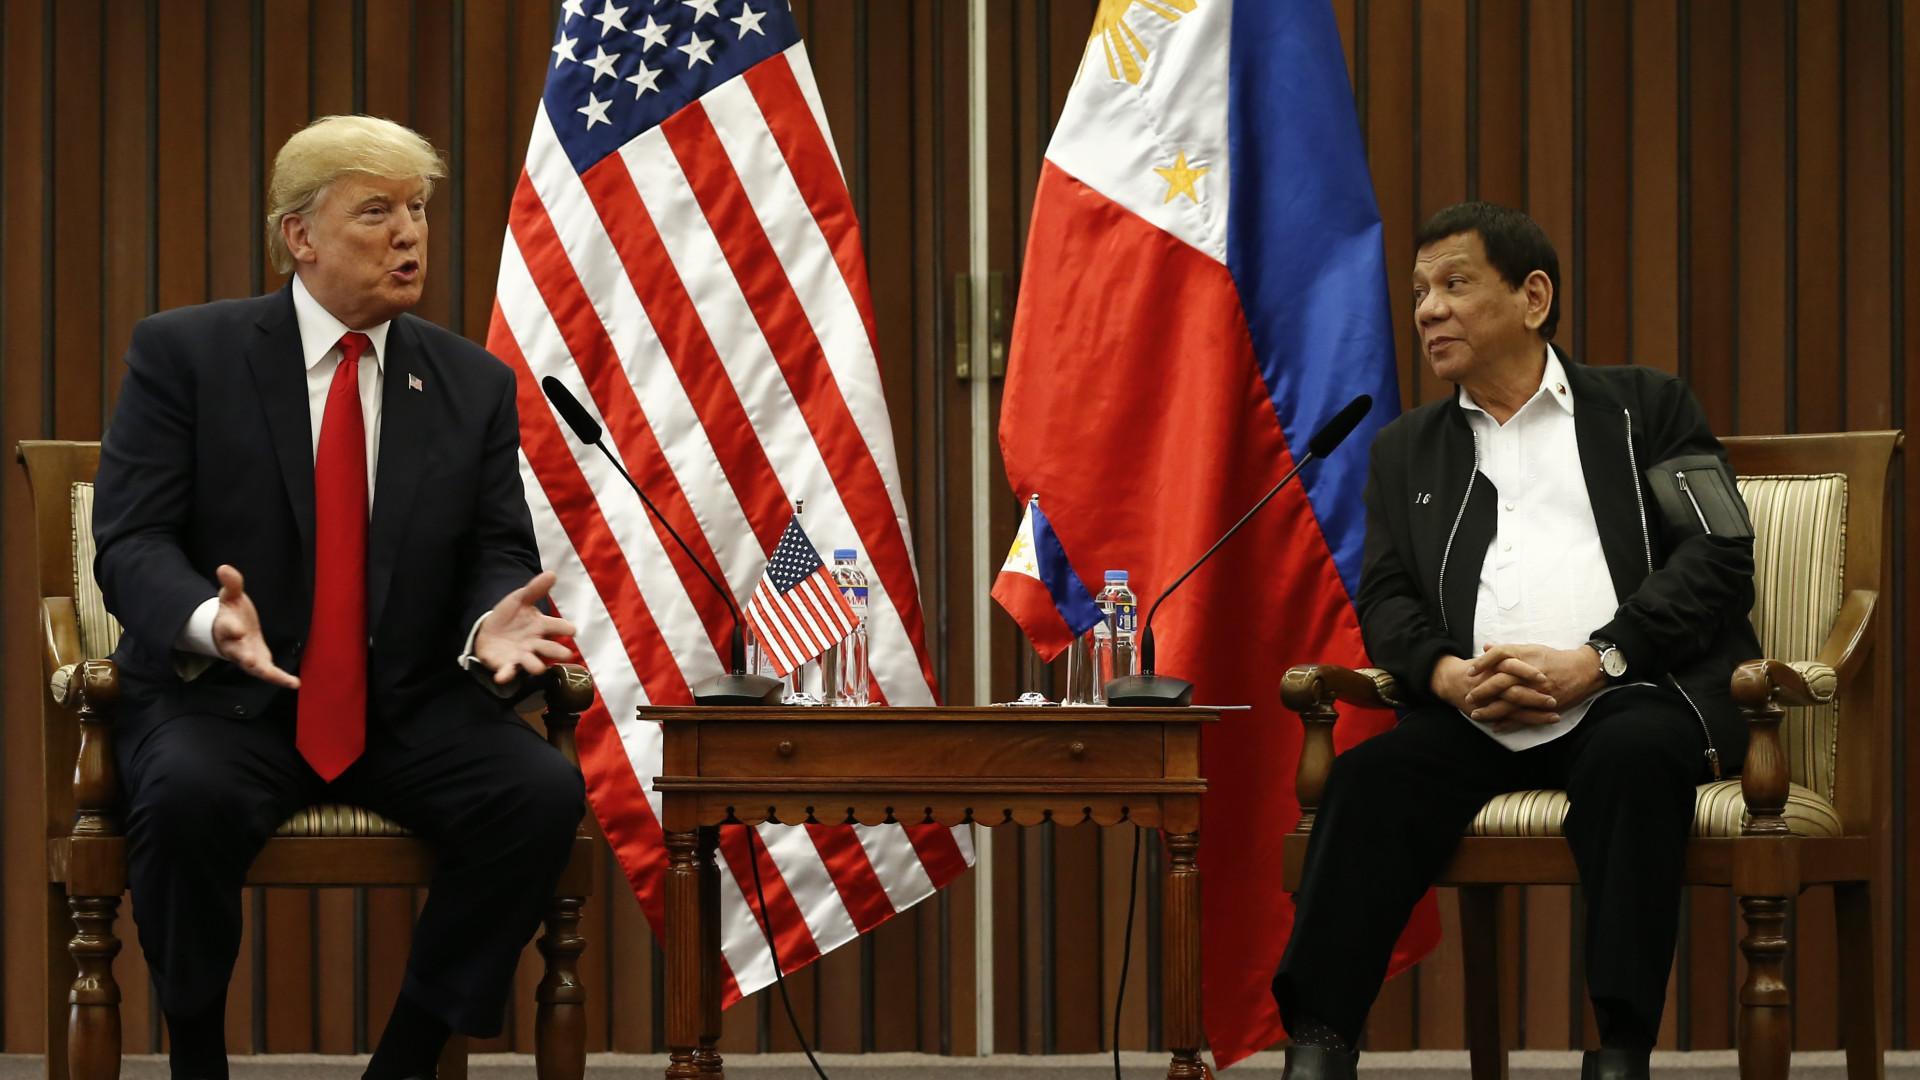 Guerra antidroga: Trump e Duterte acordam respeitar direitos humanos